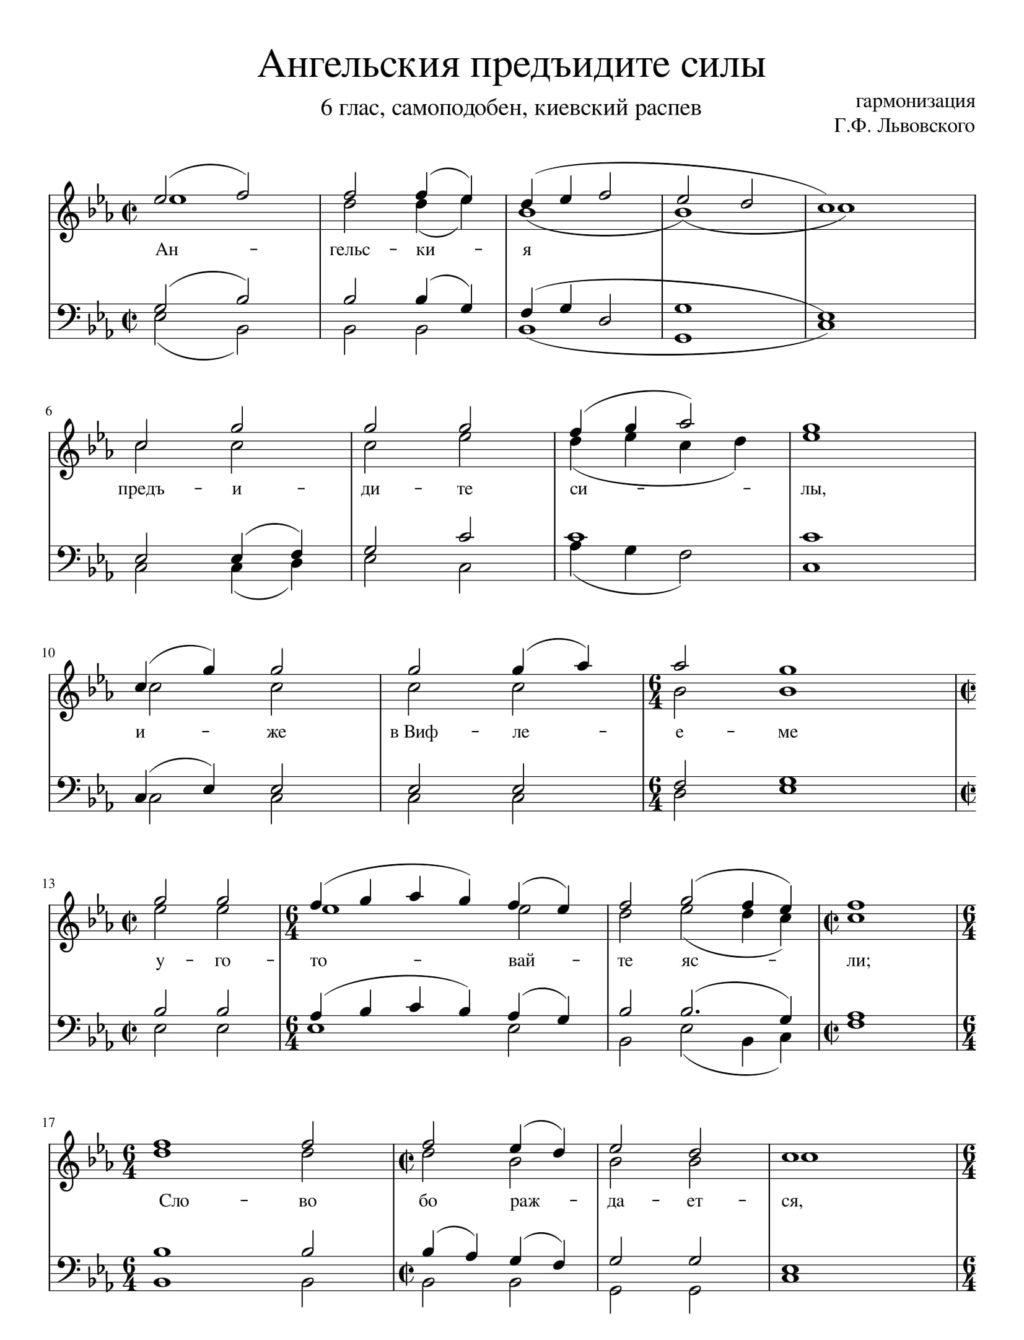 Ангельския предъидите силы. гармонизация Г.Ф. Львовского